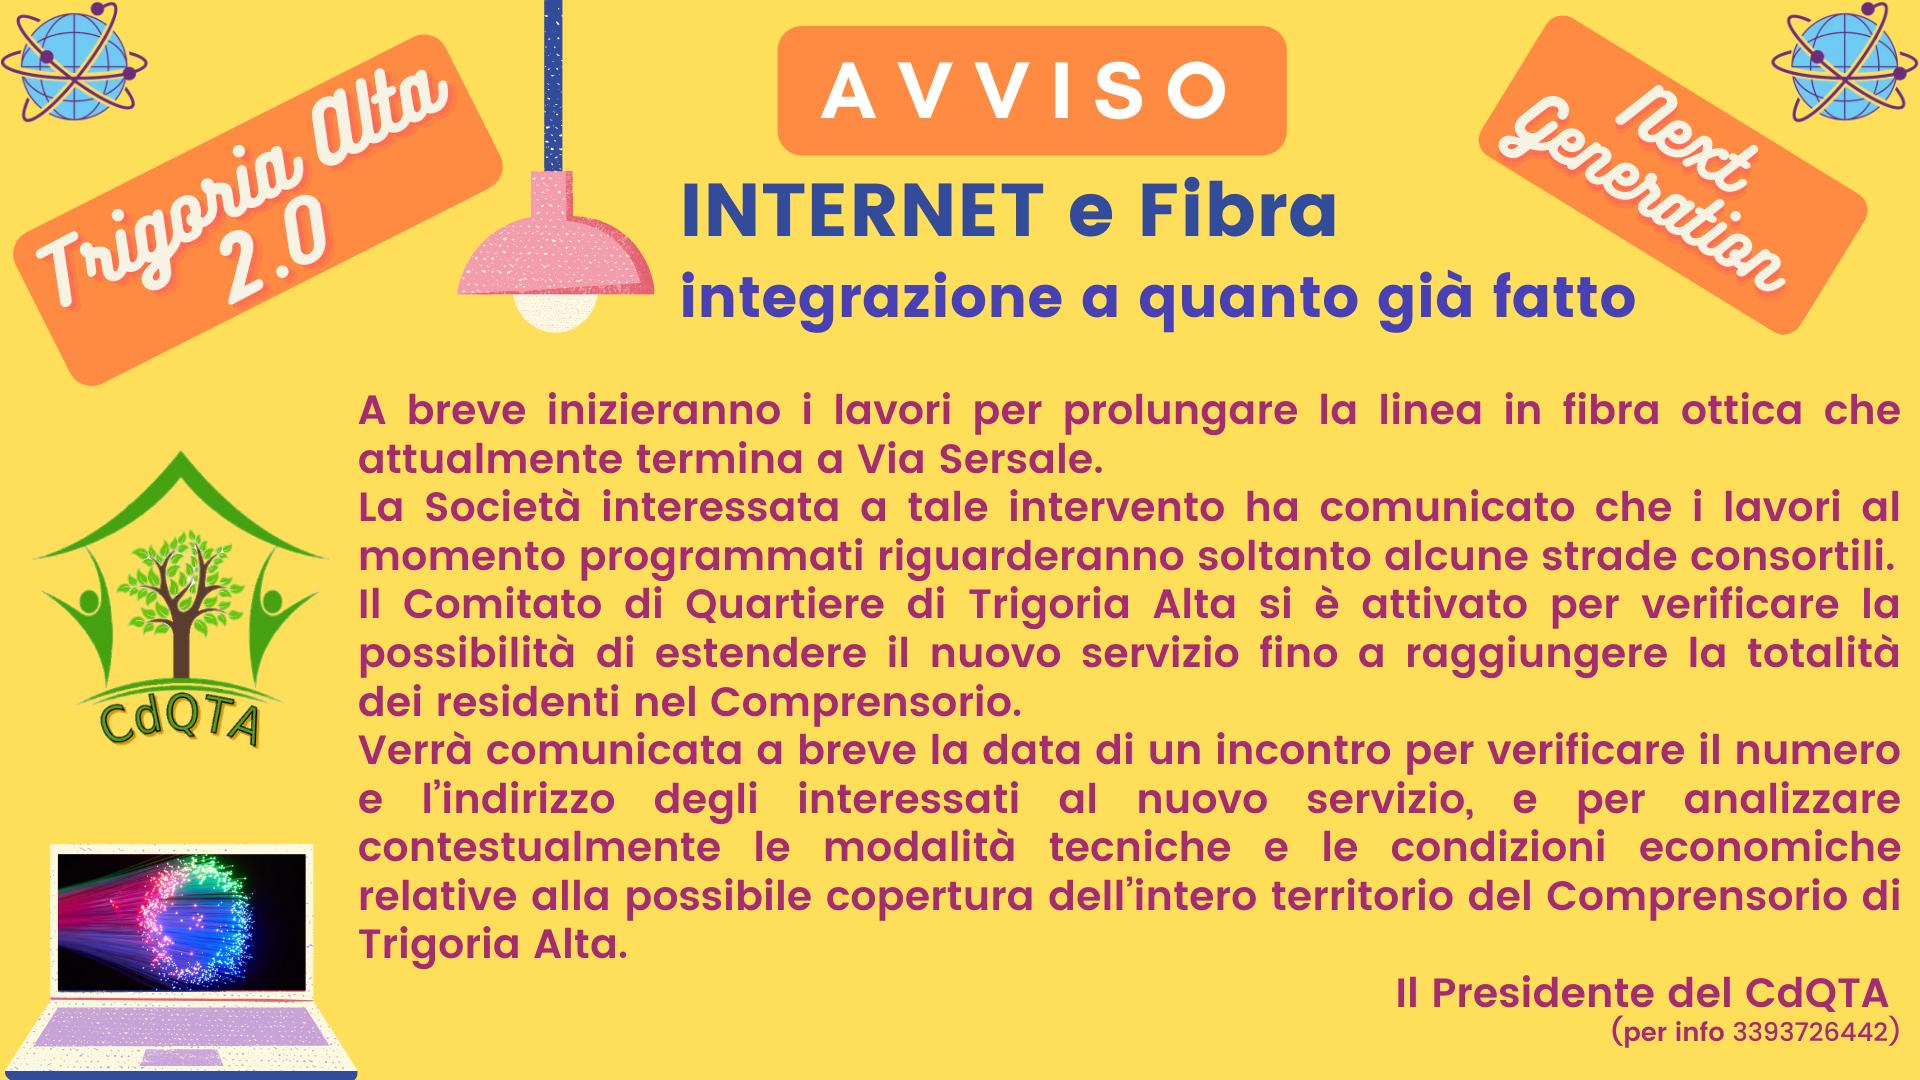 A V V I S O – INTERNET E FIBRA – INTEGRAZIONE A QUANTO GIÀ FATTO